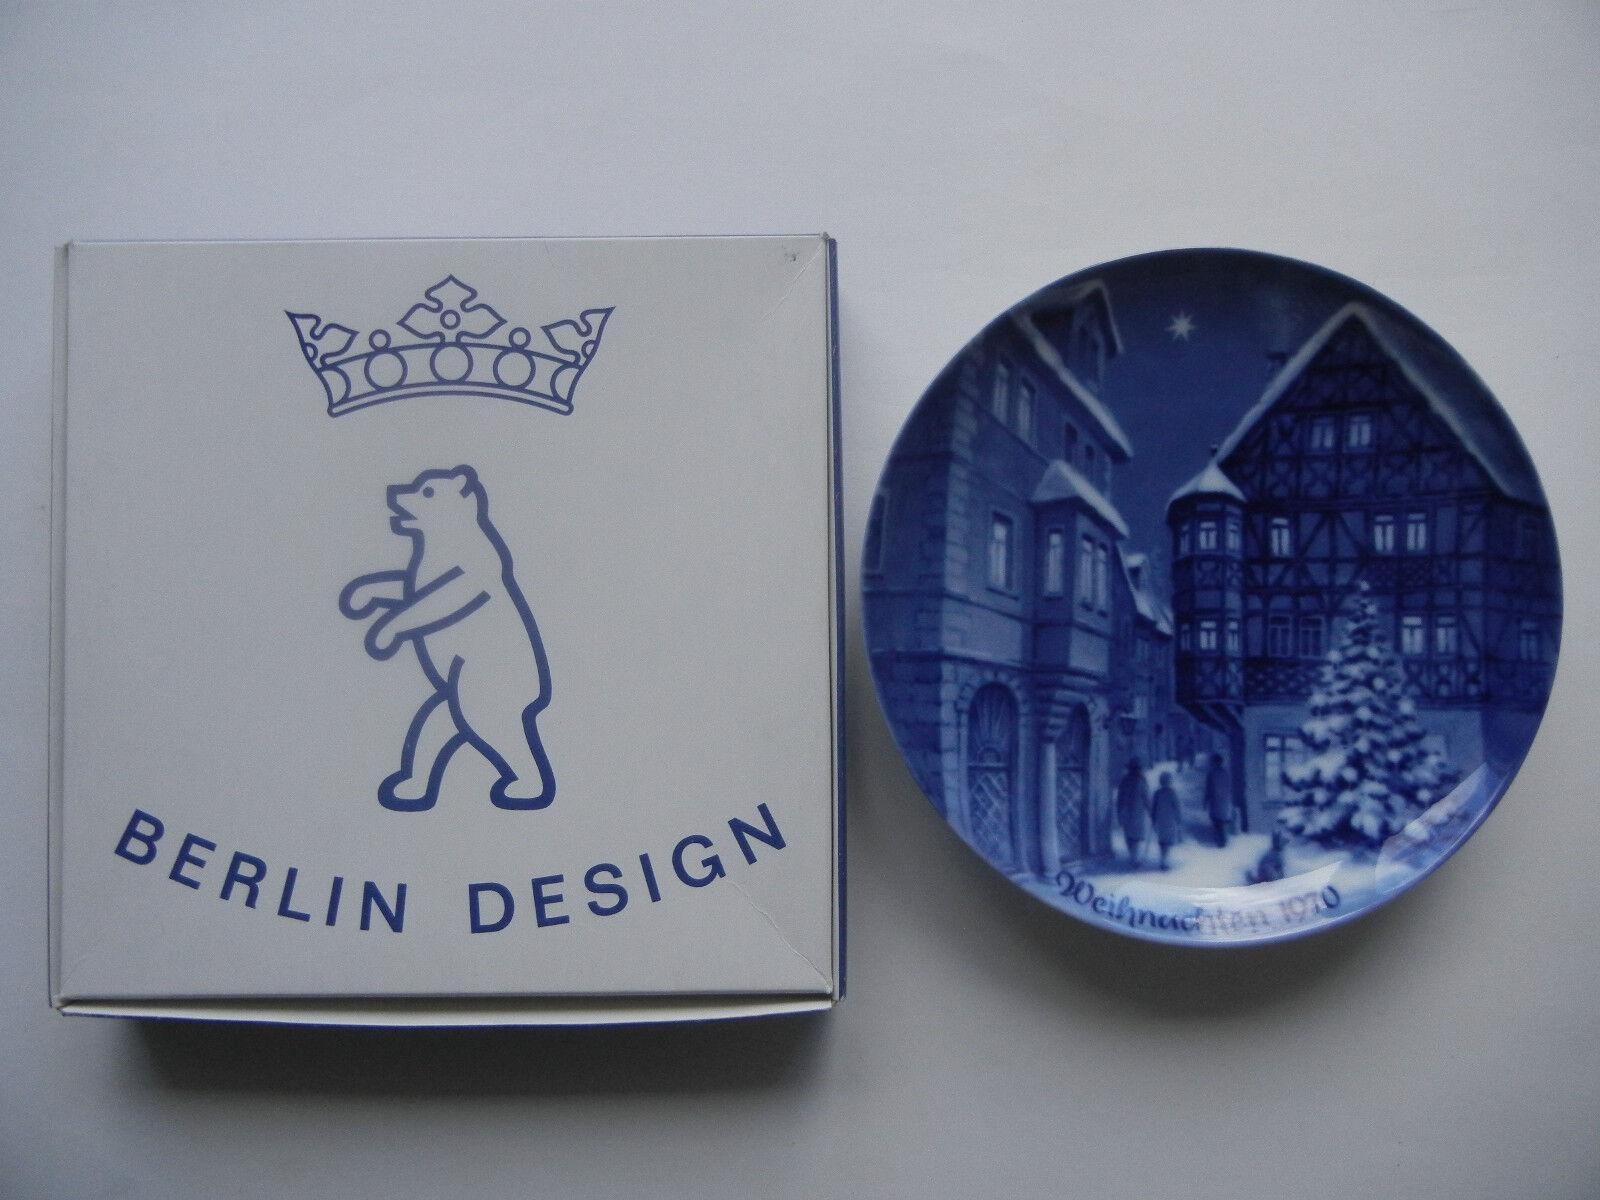 Berlin-Design Weihnachtsteller 1970 Bernkastel - mit OVP (meine Pos. 1970-1)